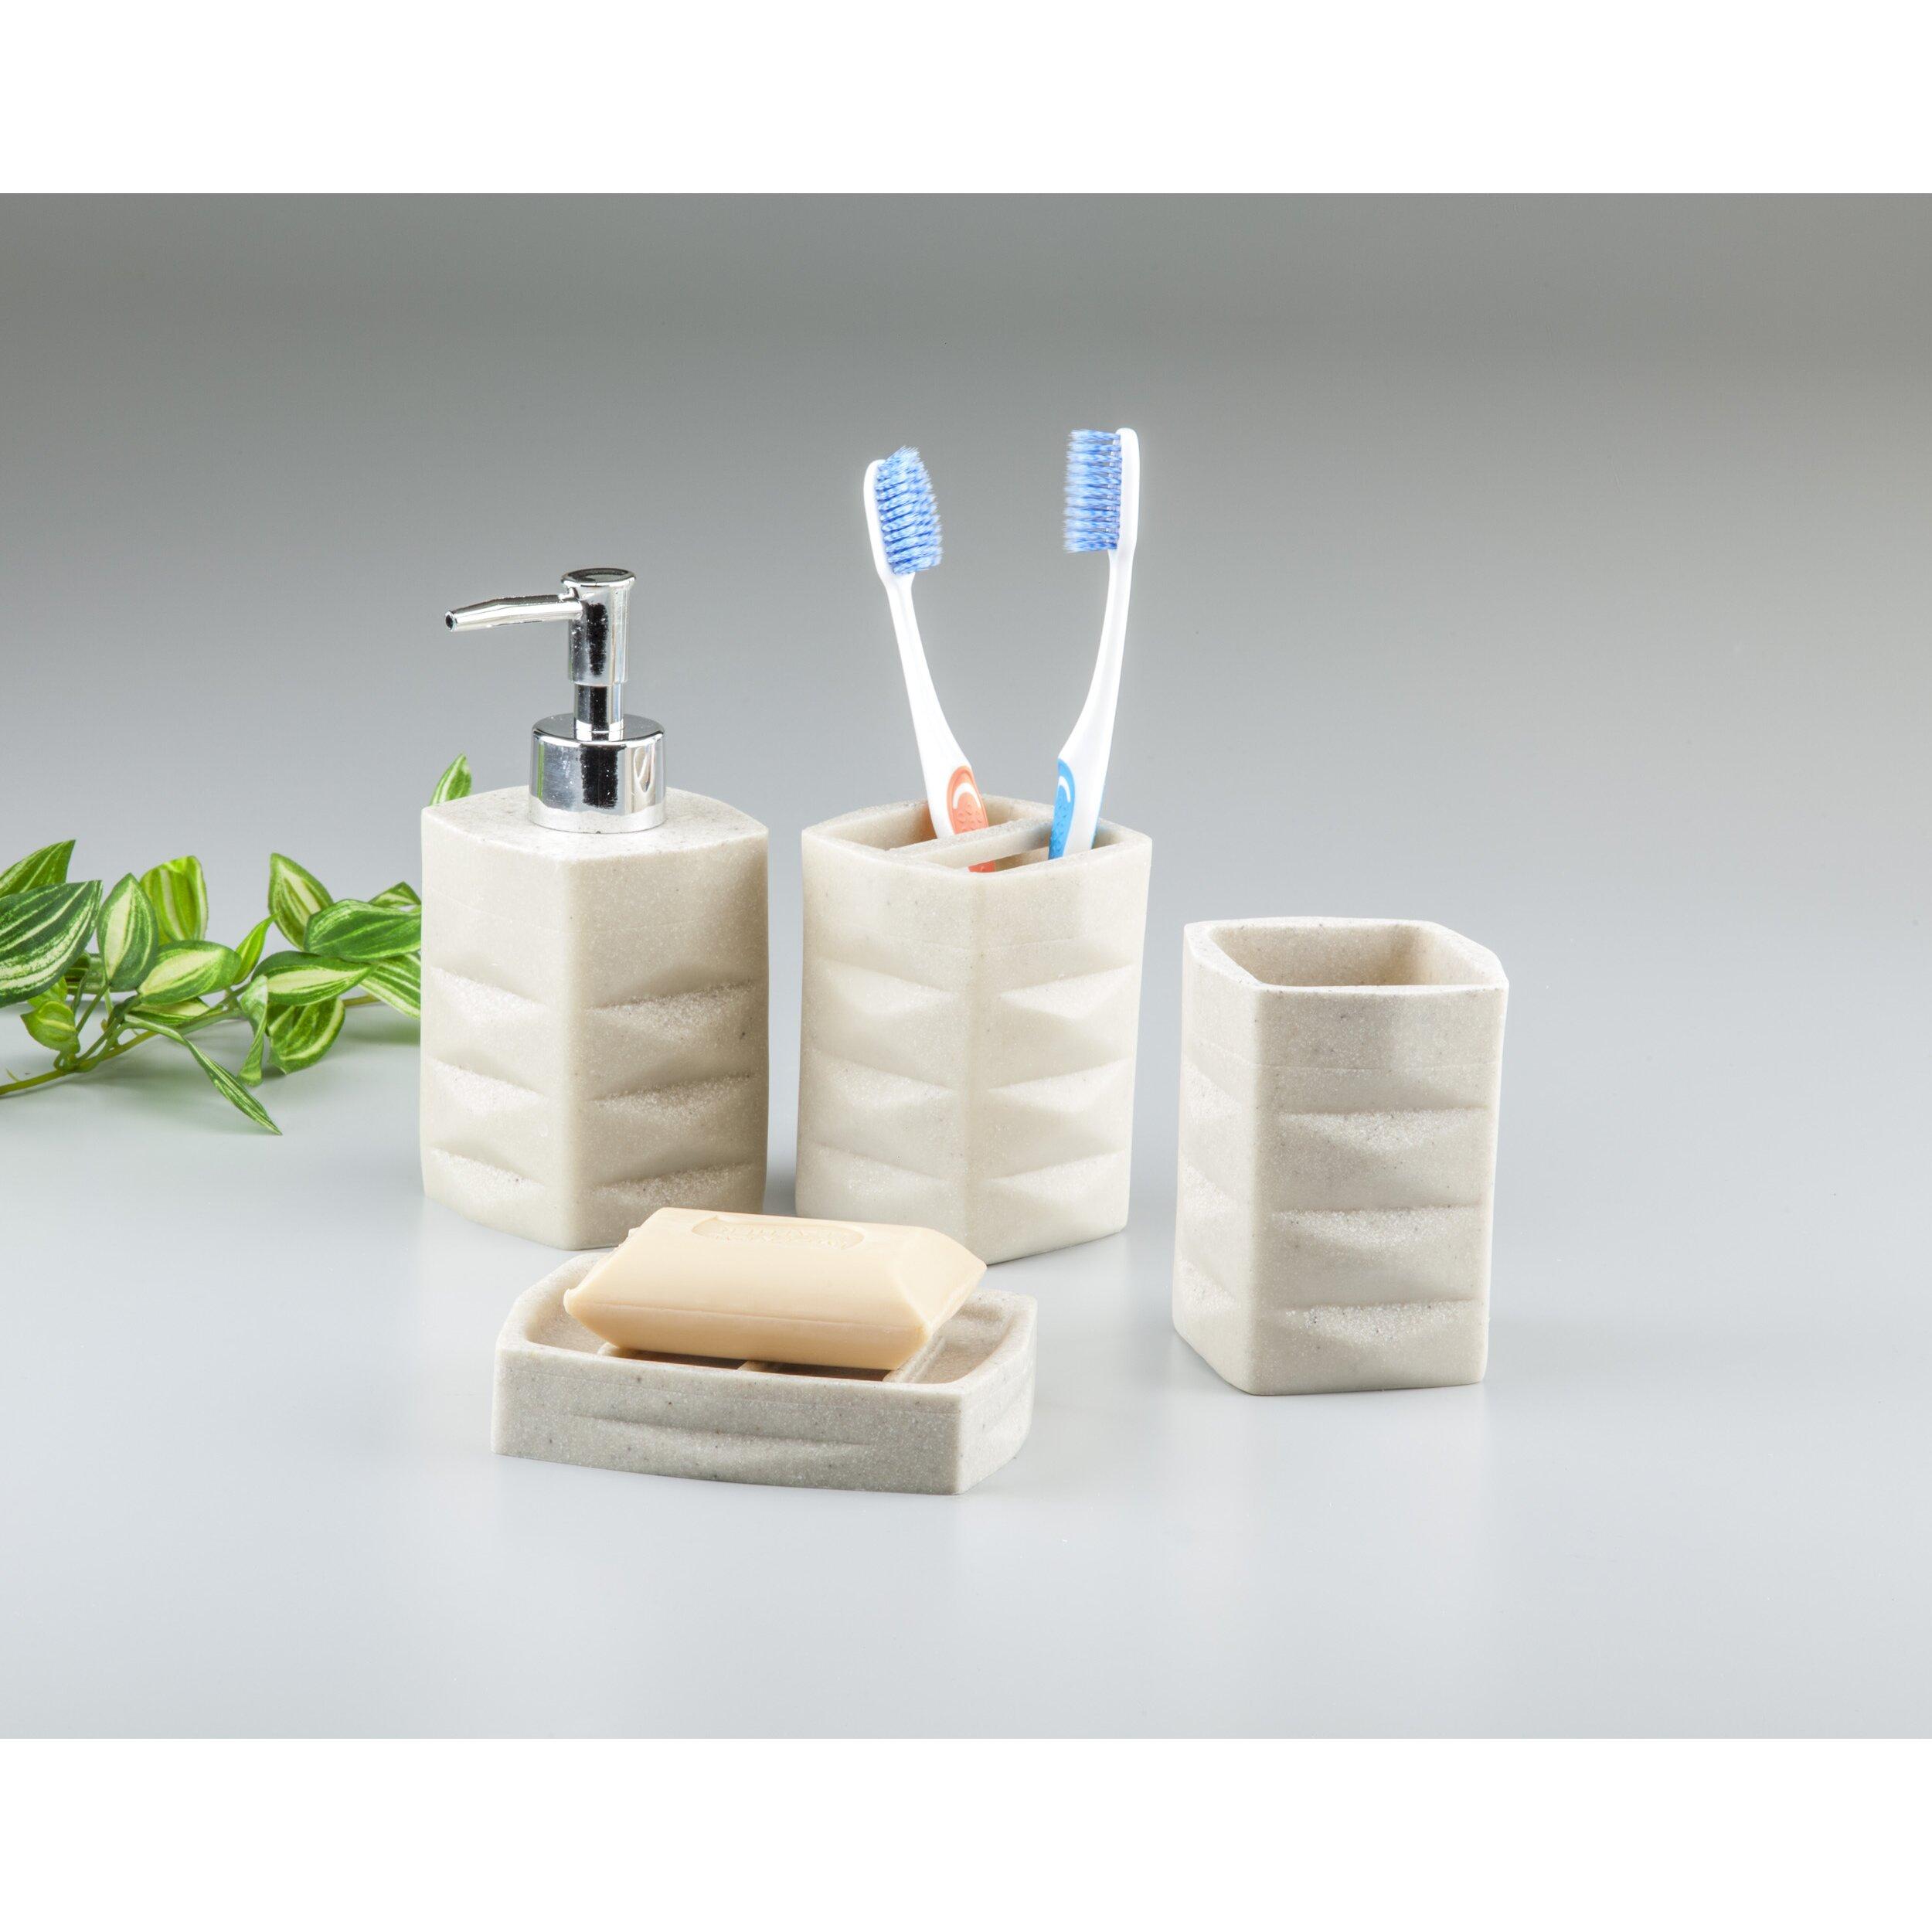 Innova imports 4 piece bathroom set reviews wayfair for Bathroom 4 piece set